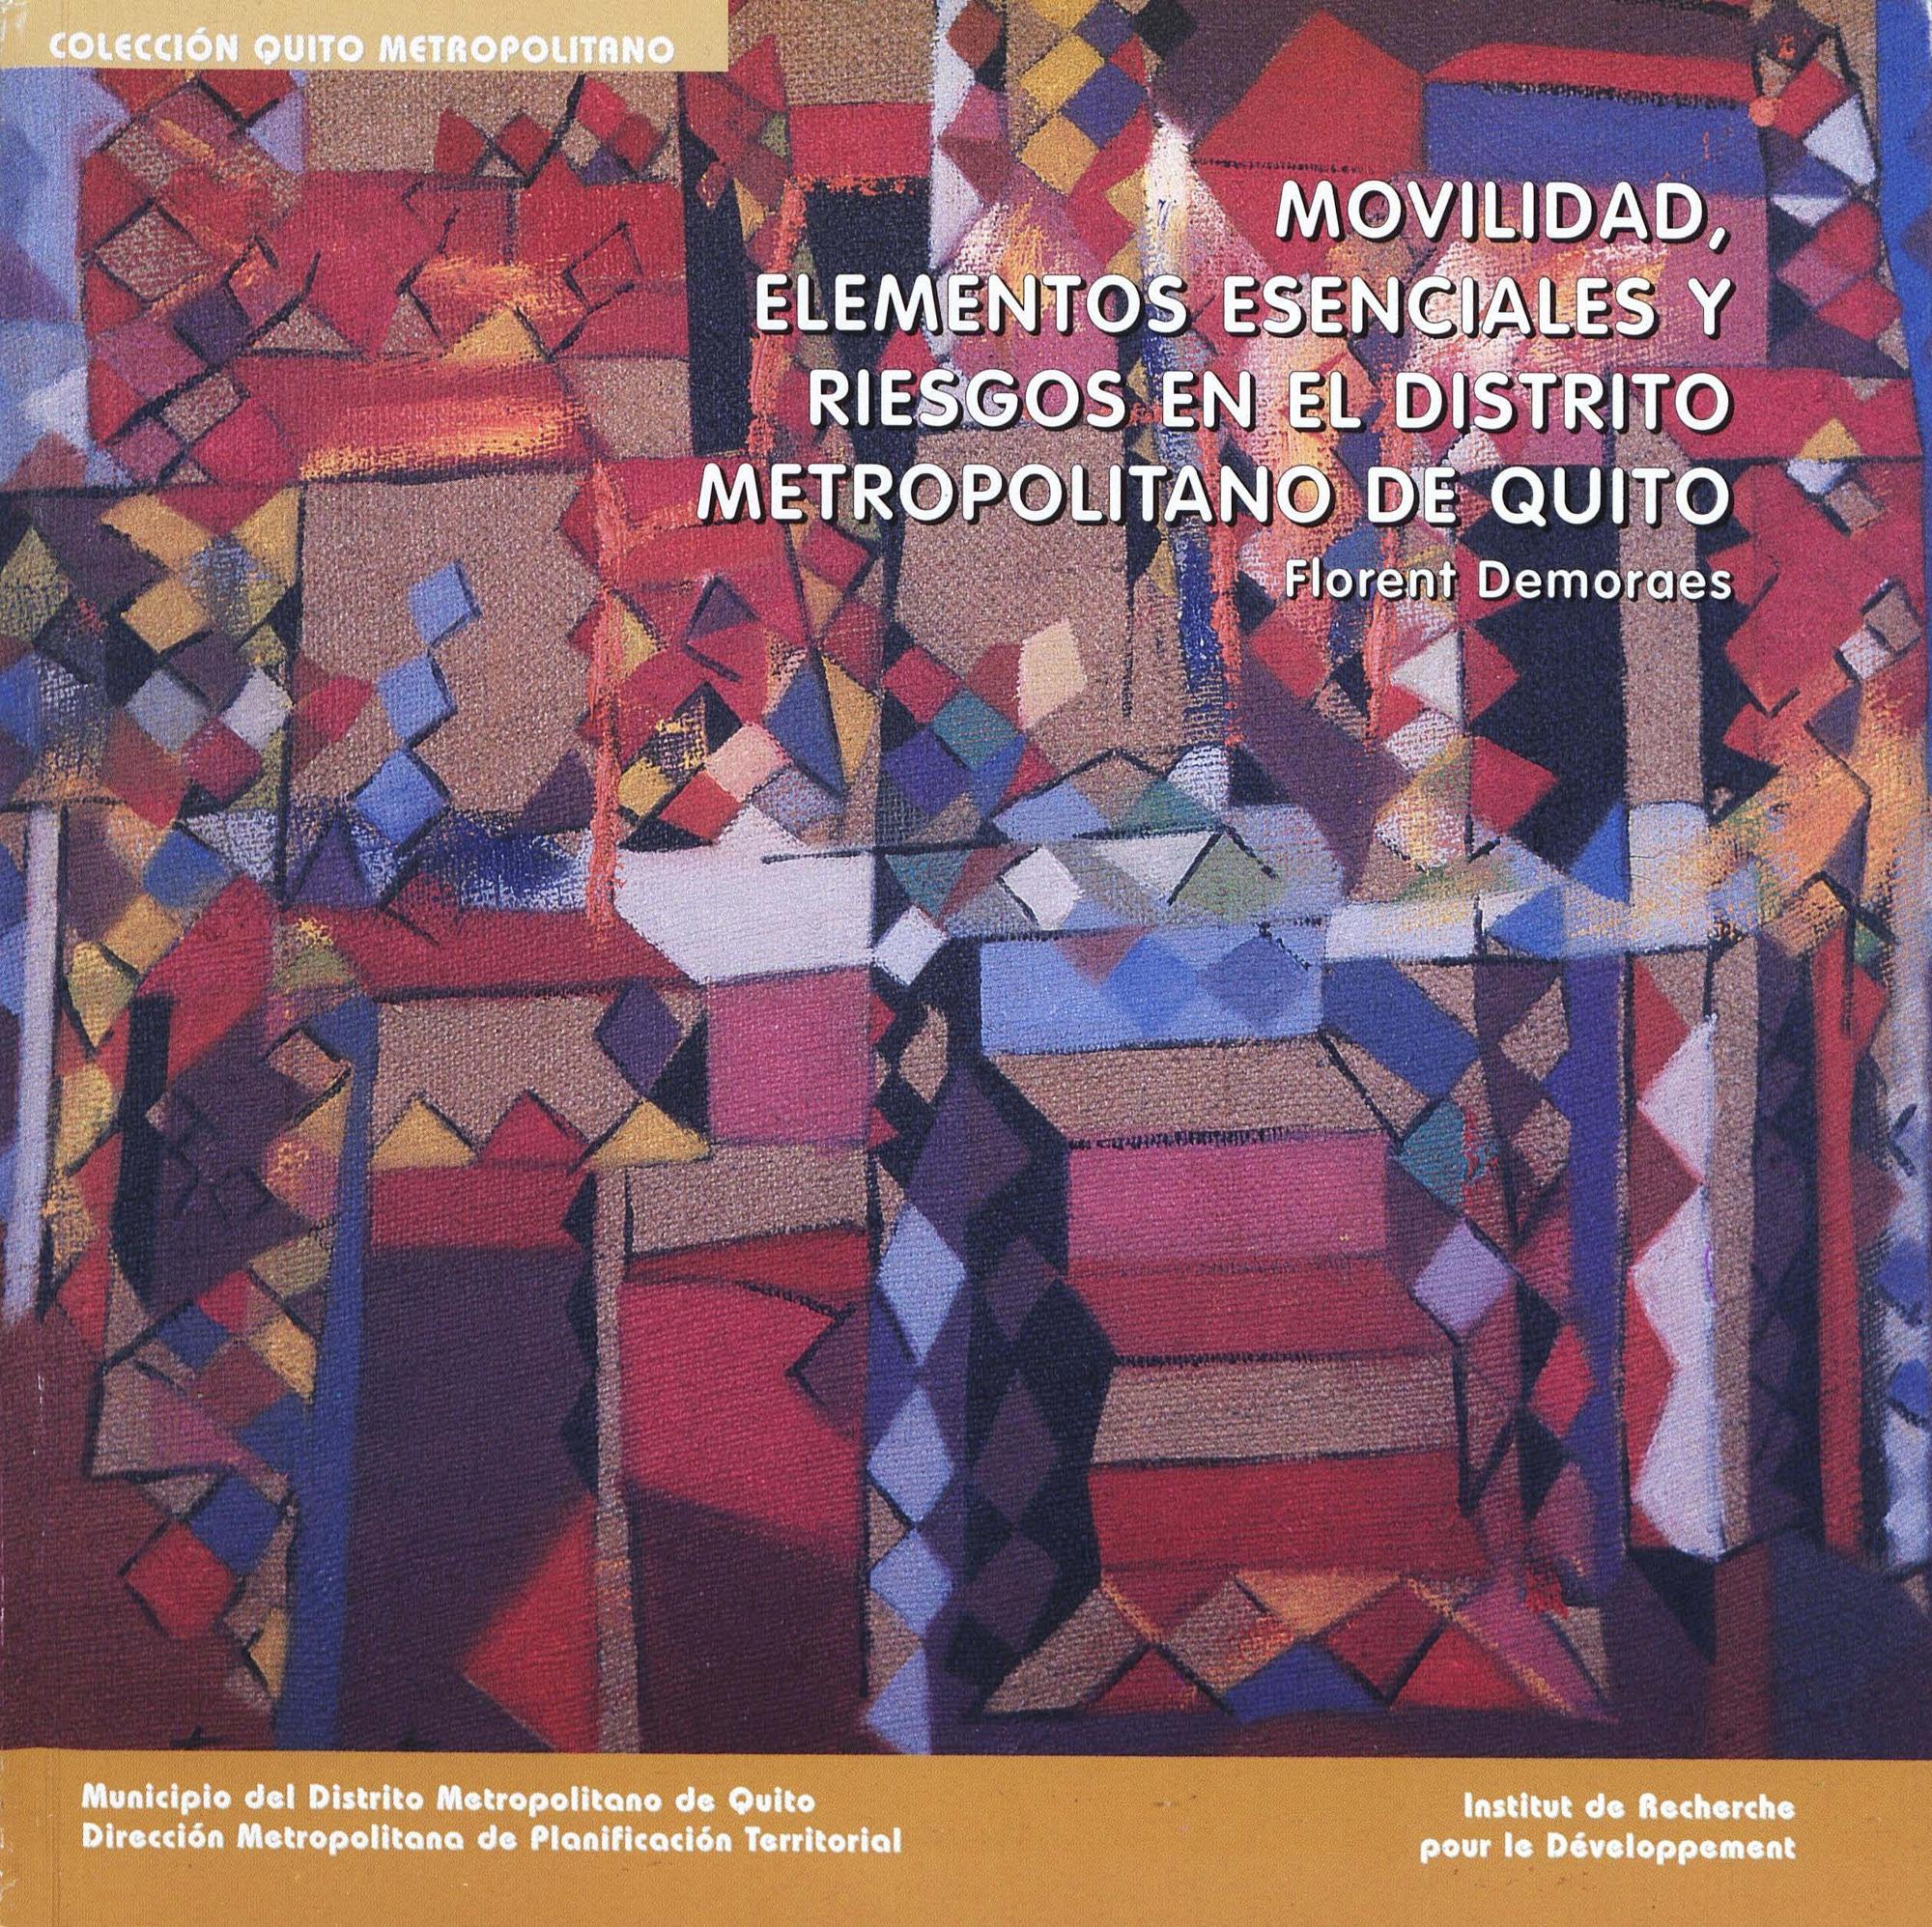 Movilidad, elementos esenciales y riesgos en el distrito metropolitano de Quito